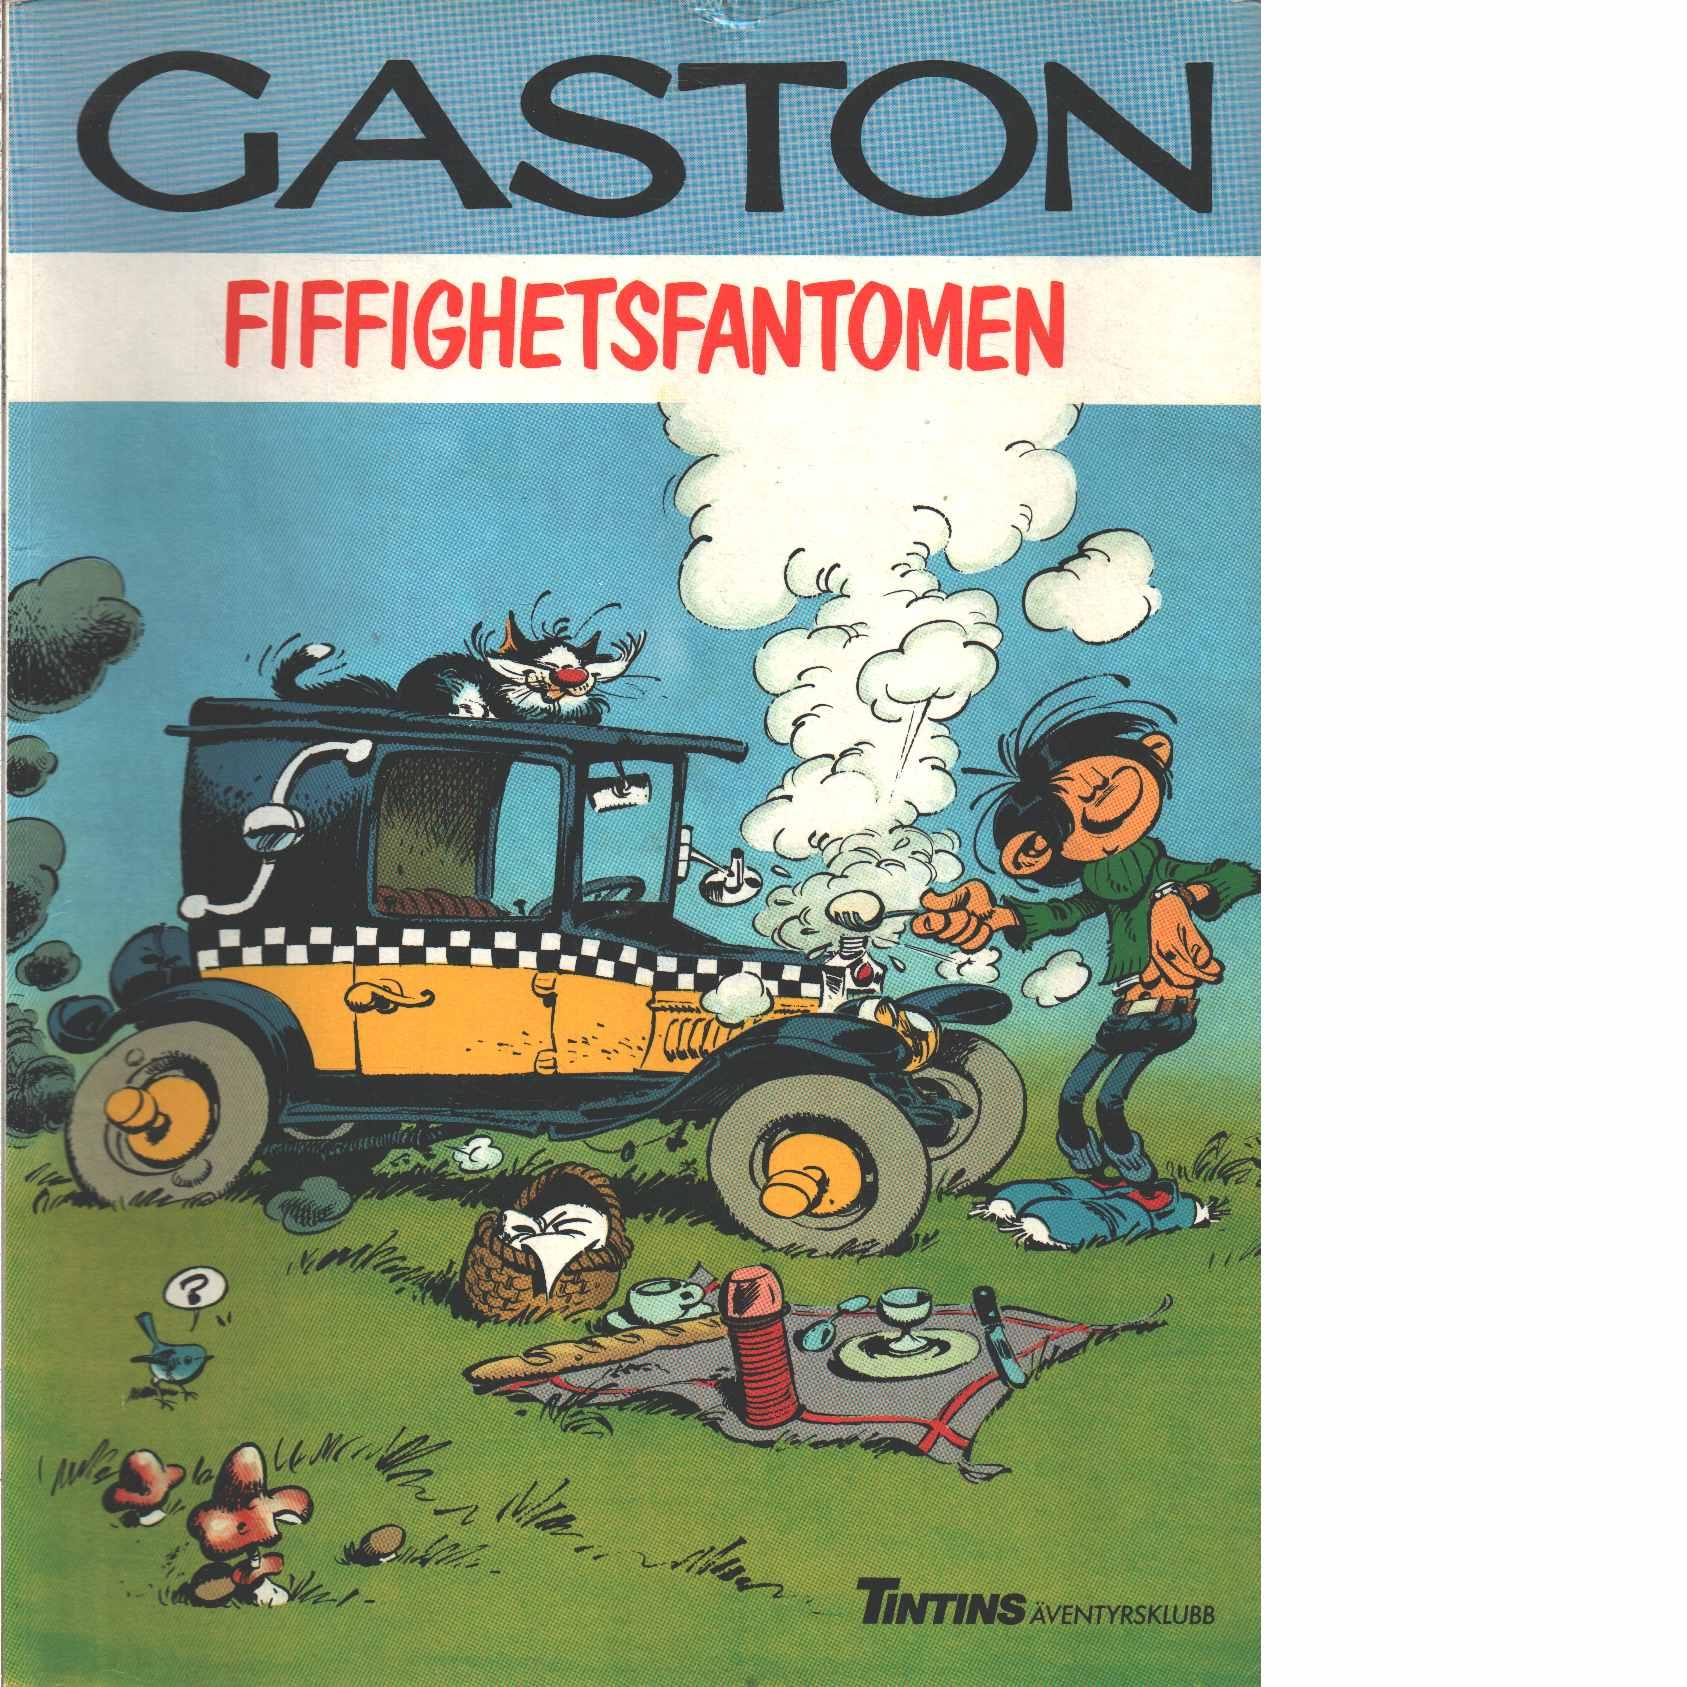 Gaston  Fiffighetsfantomen  - Franquin, André